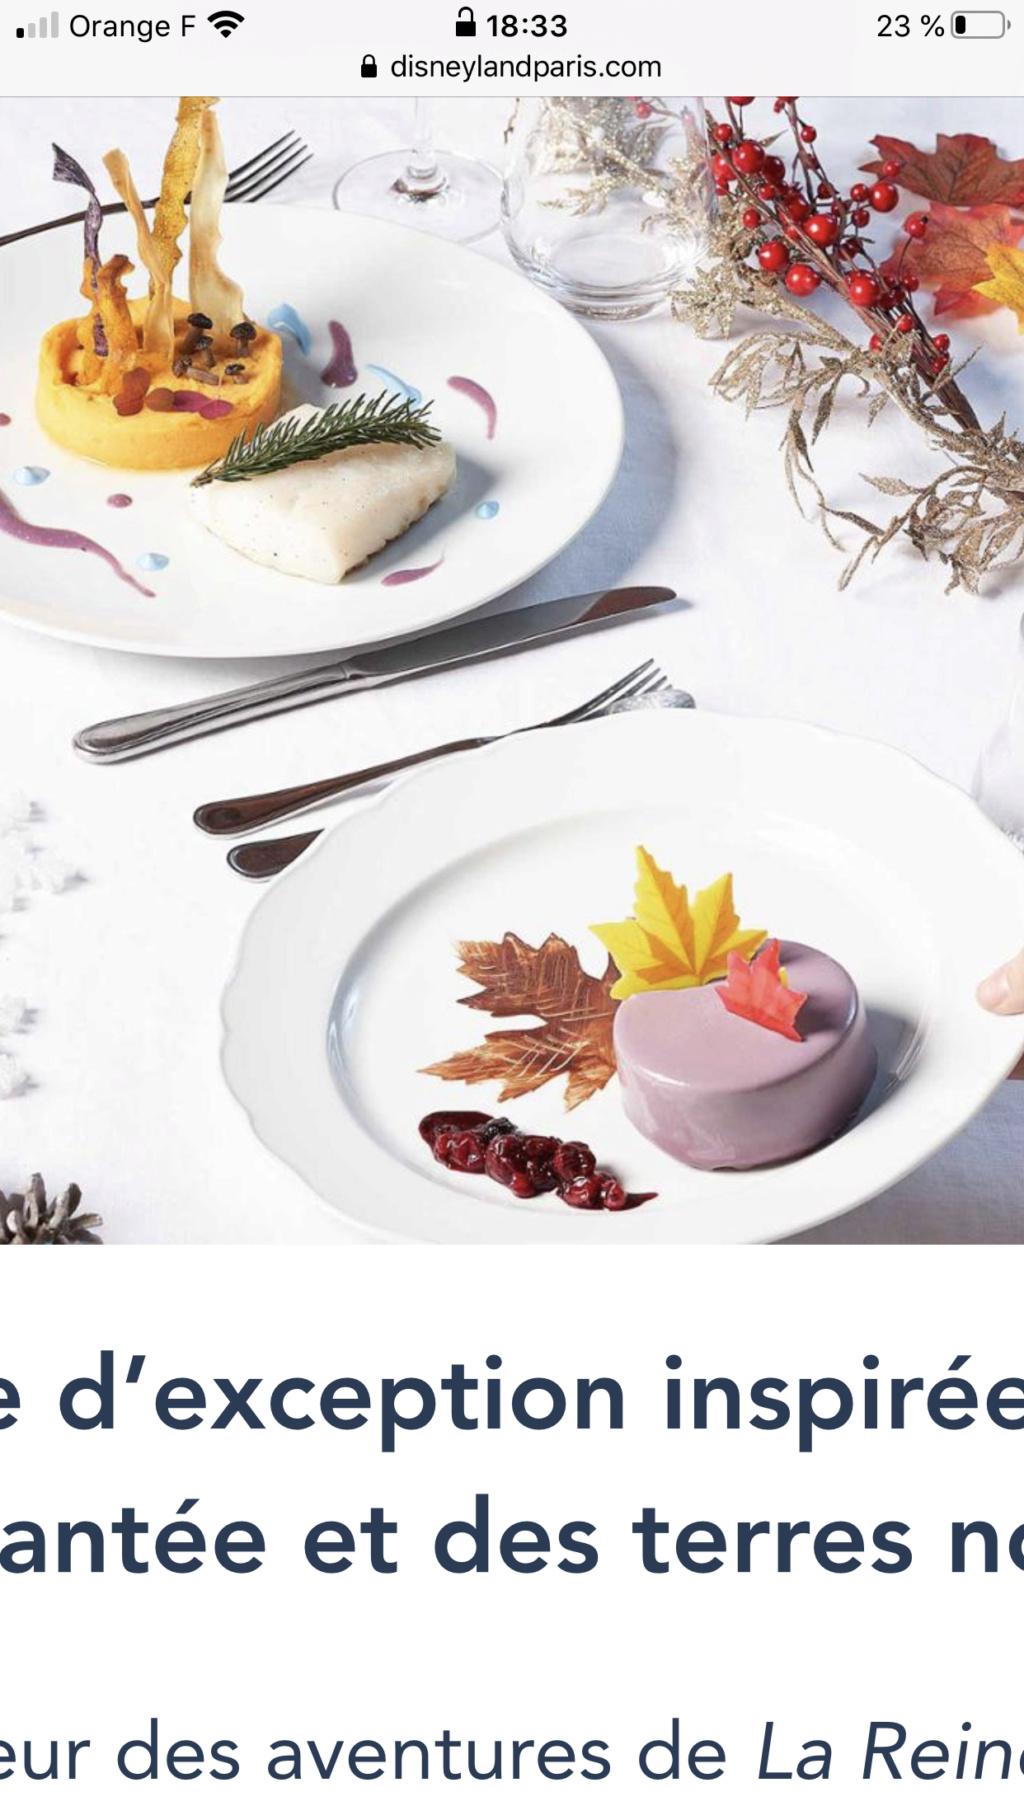 [Service à table] Auberge de Cendrillon - Page 36 8774eb10